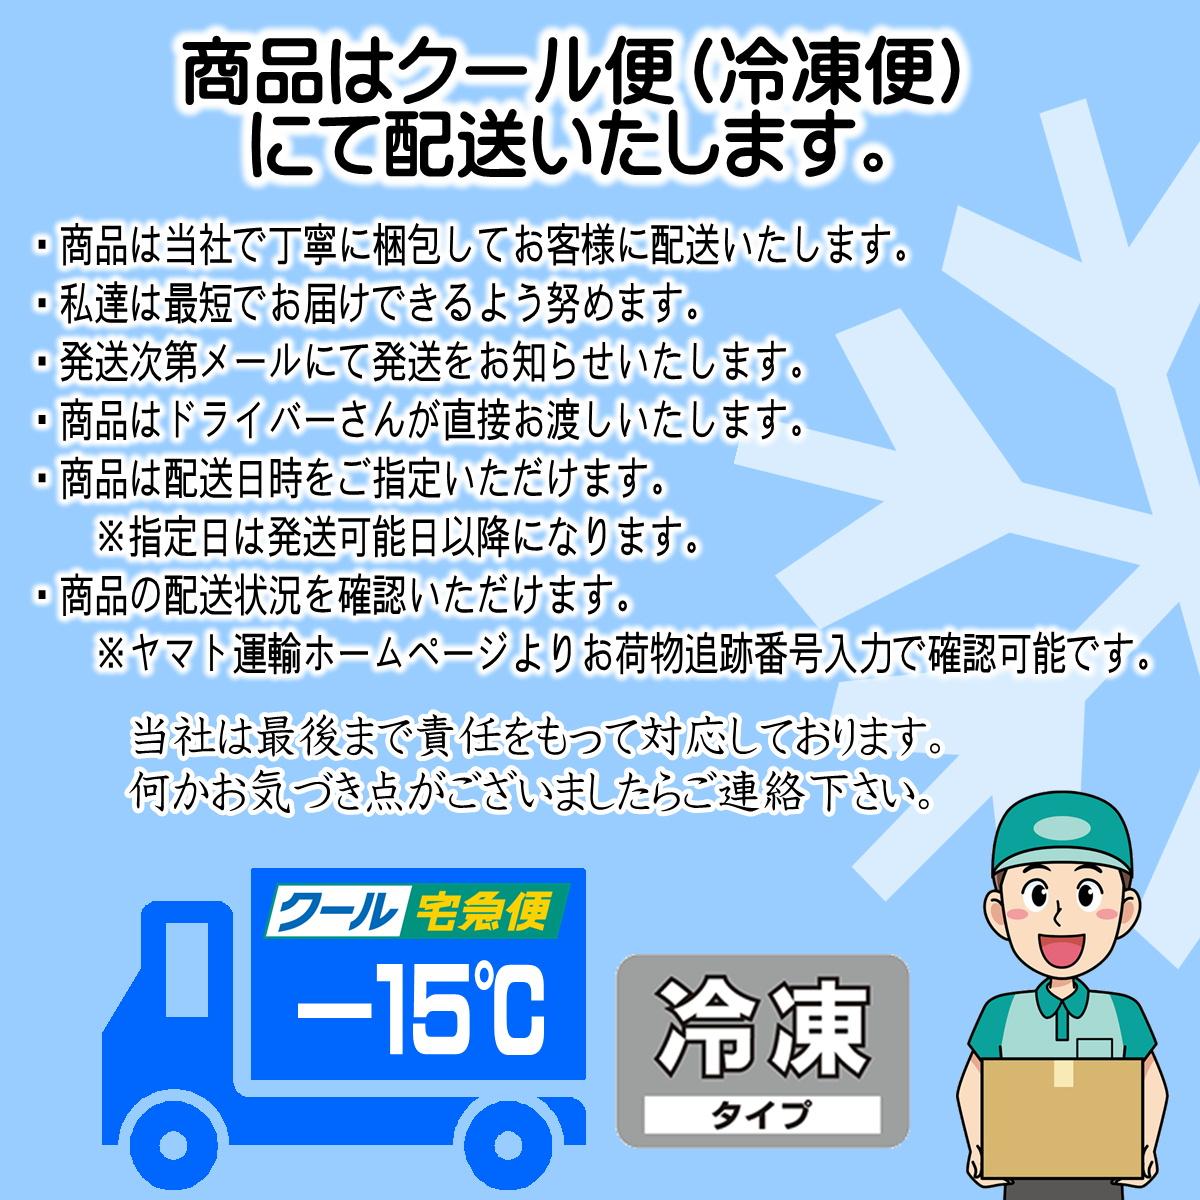 スモークサーモン 1ケース10パック入り(1パック70g入り)業務用【サラダ・カルパッチョ等に】(冷凍便)